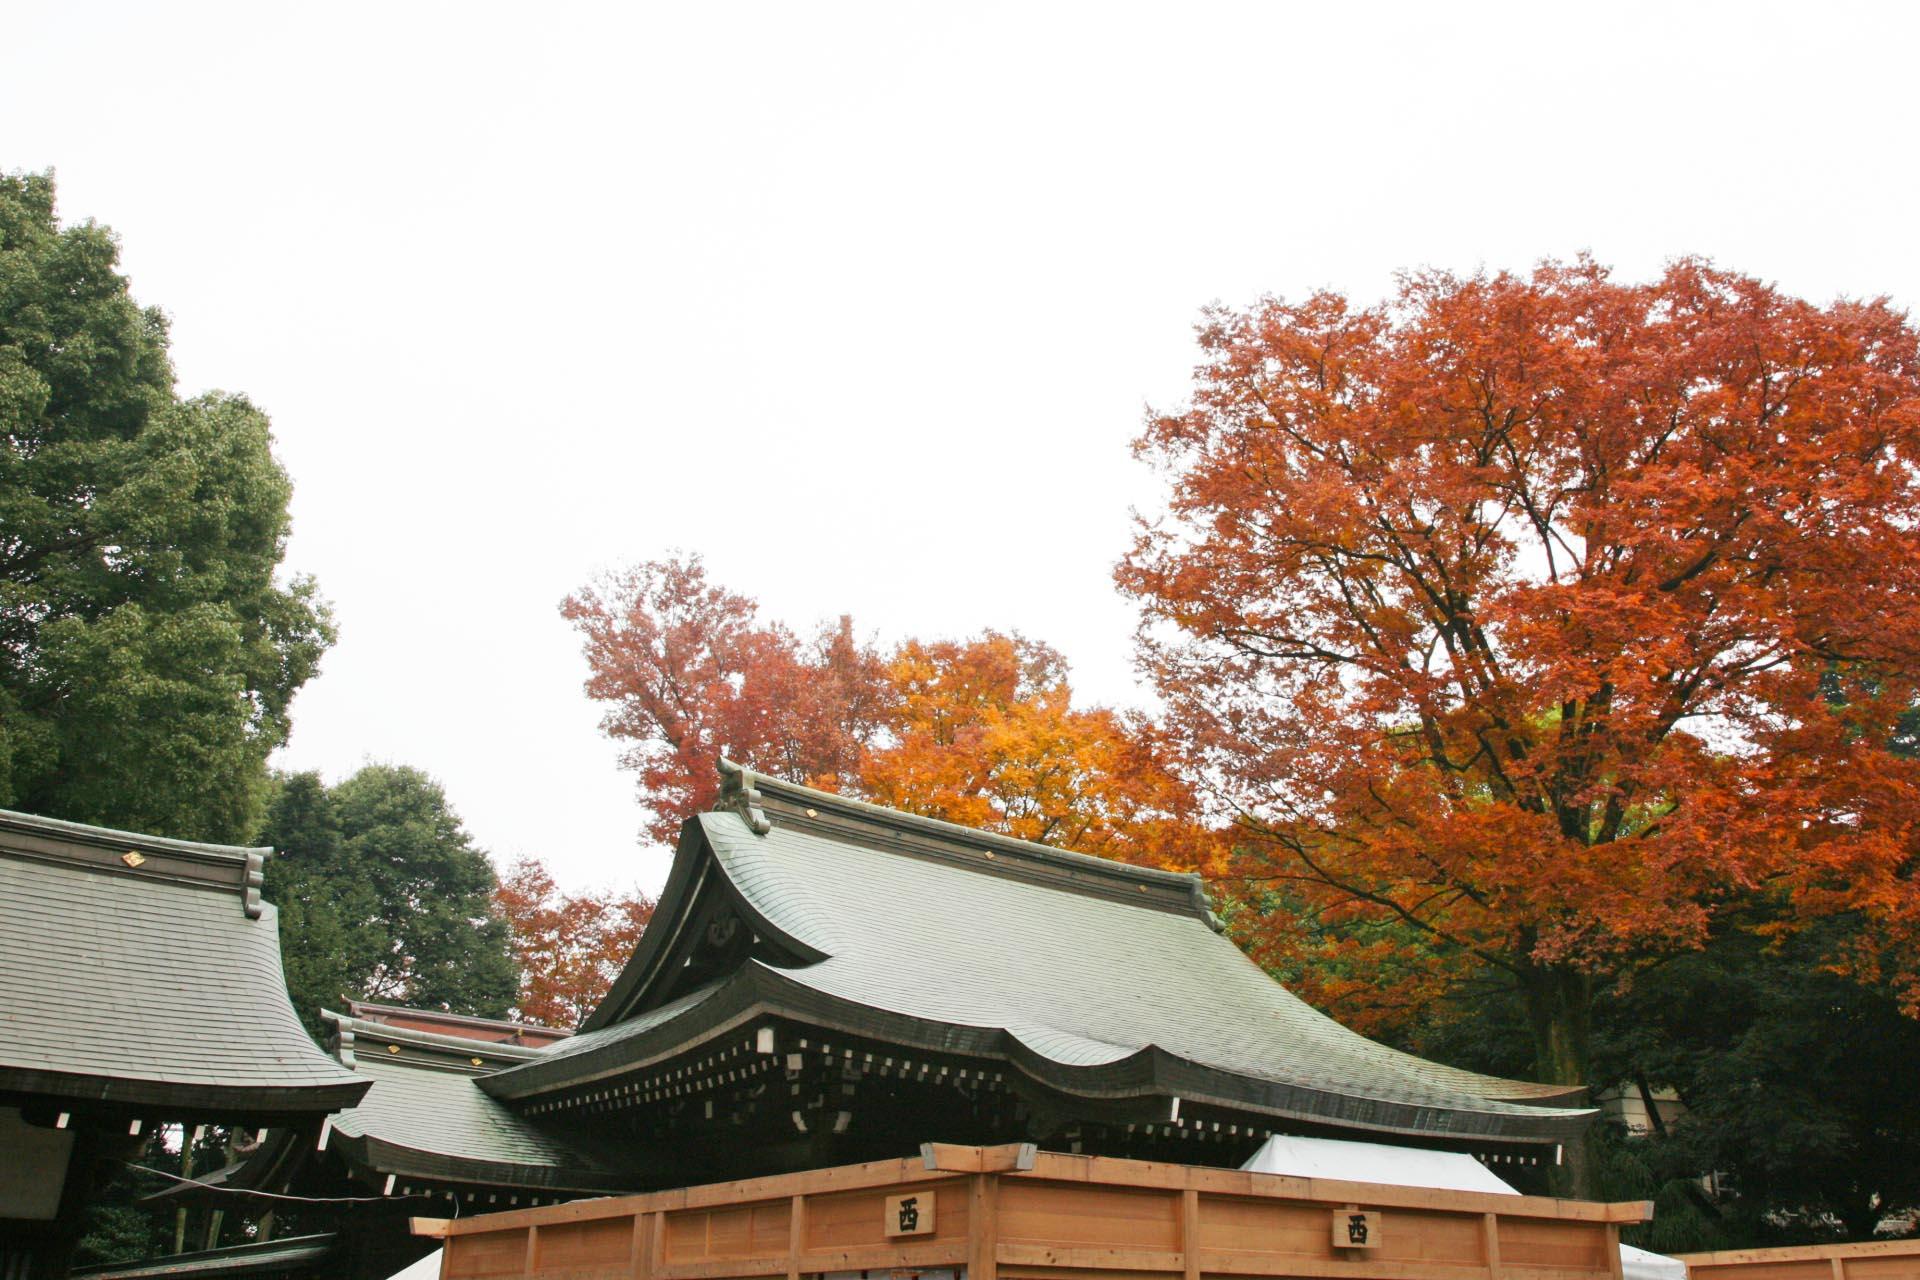 秋の川越氷川神社 埼玉の風景